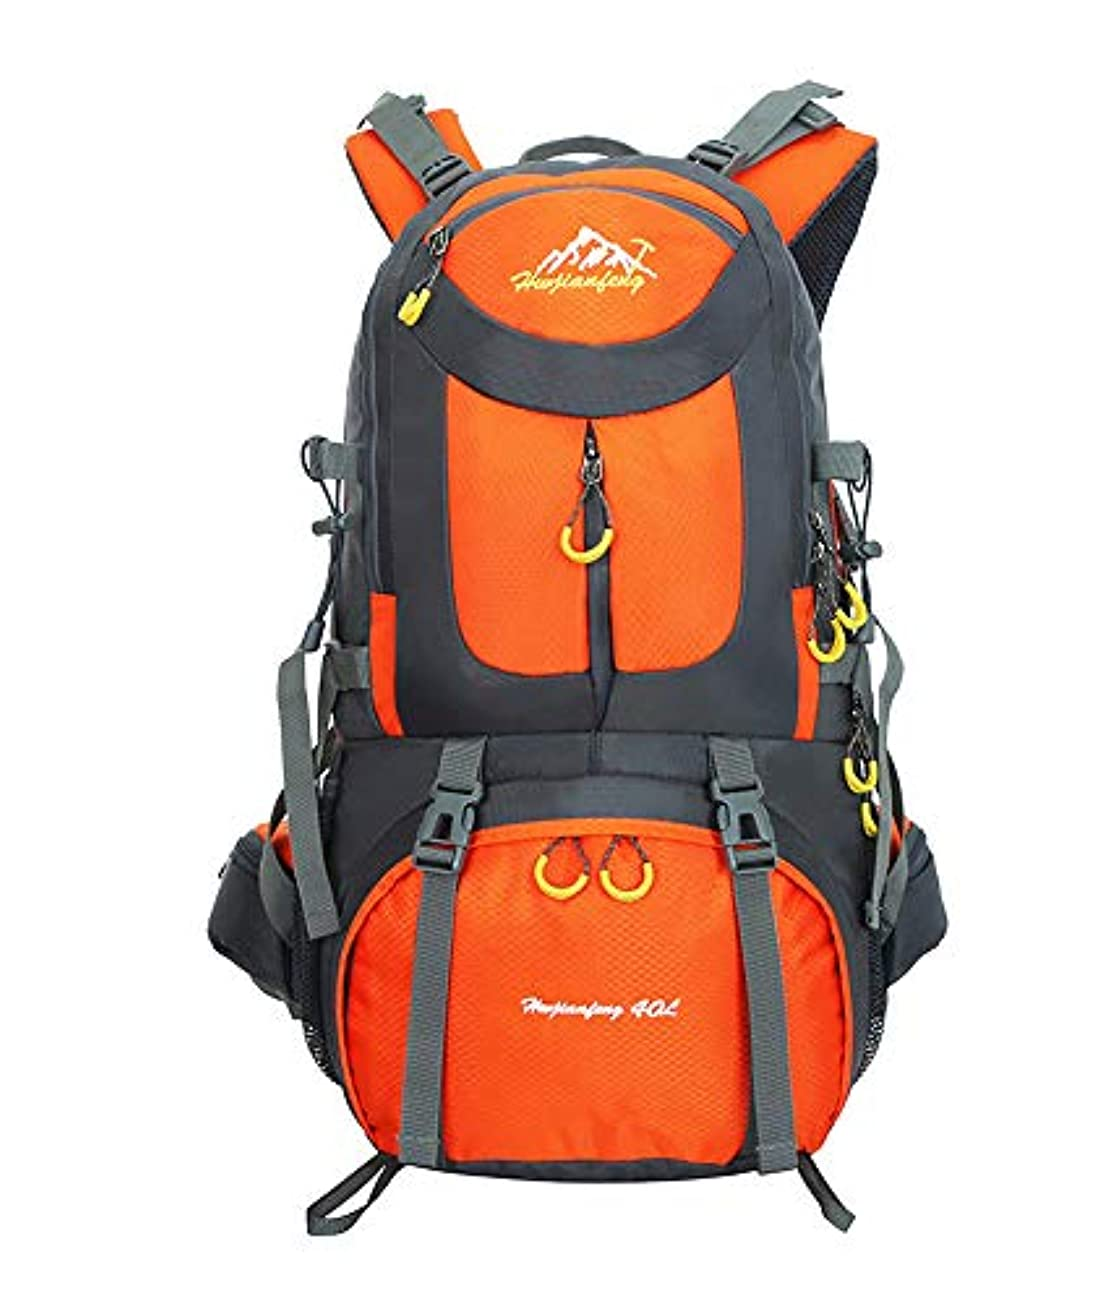 会計バナーそれる登山リュック 女性 男性 大容量 防水 登山用ザック リュック 旅行バッグ キャンプ アウトドア スポーツ ハイキング バックパック